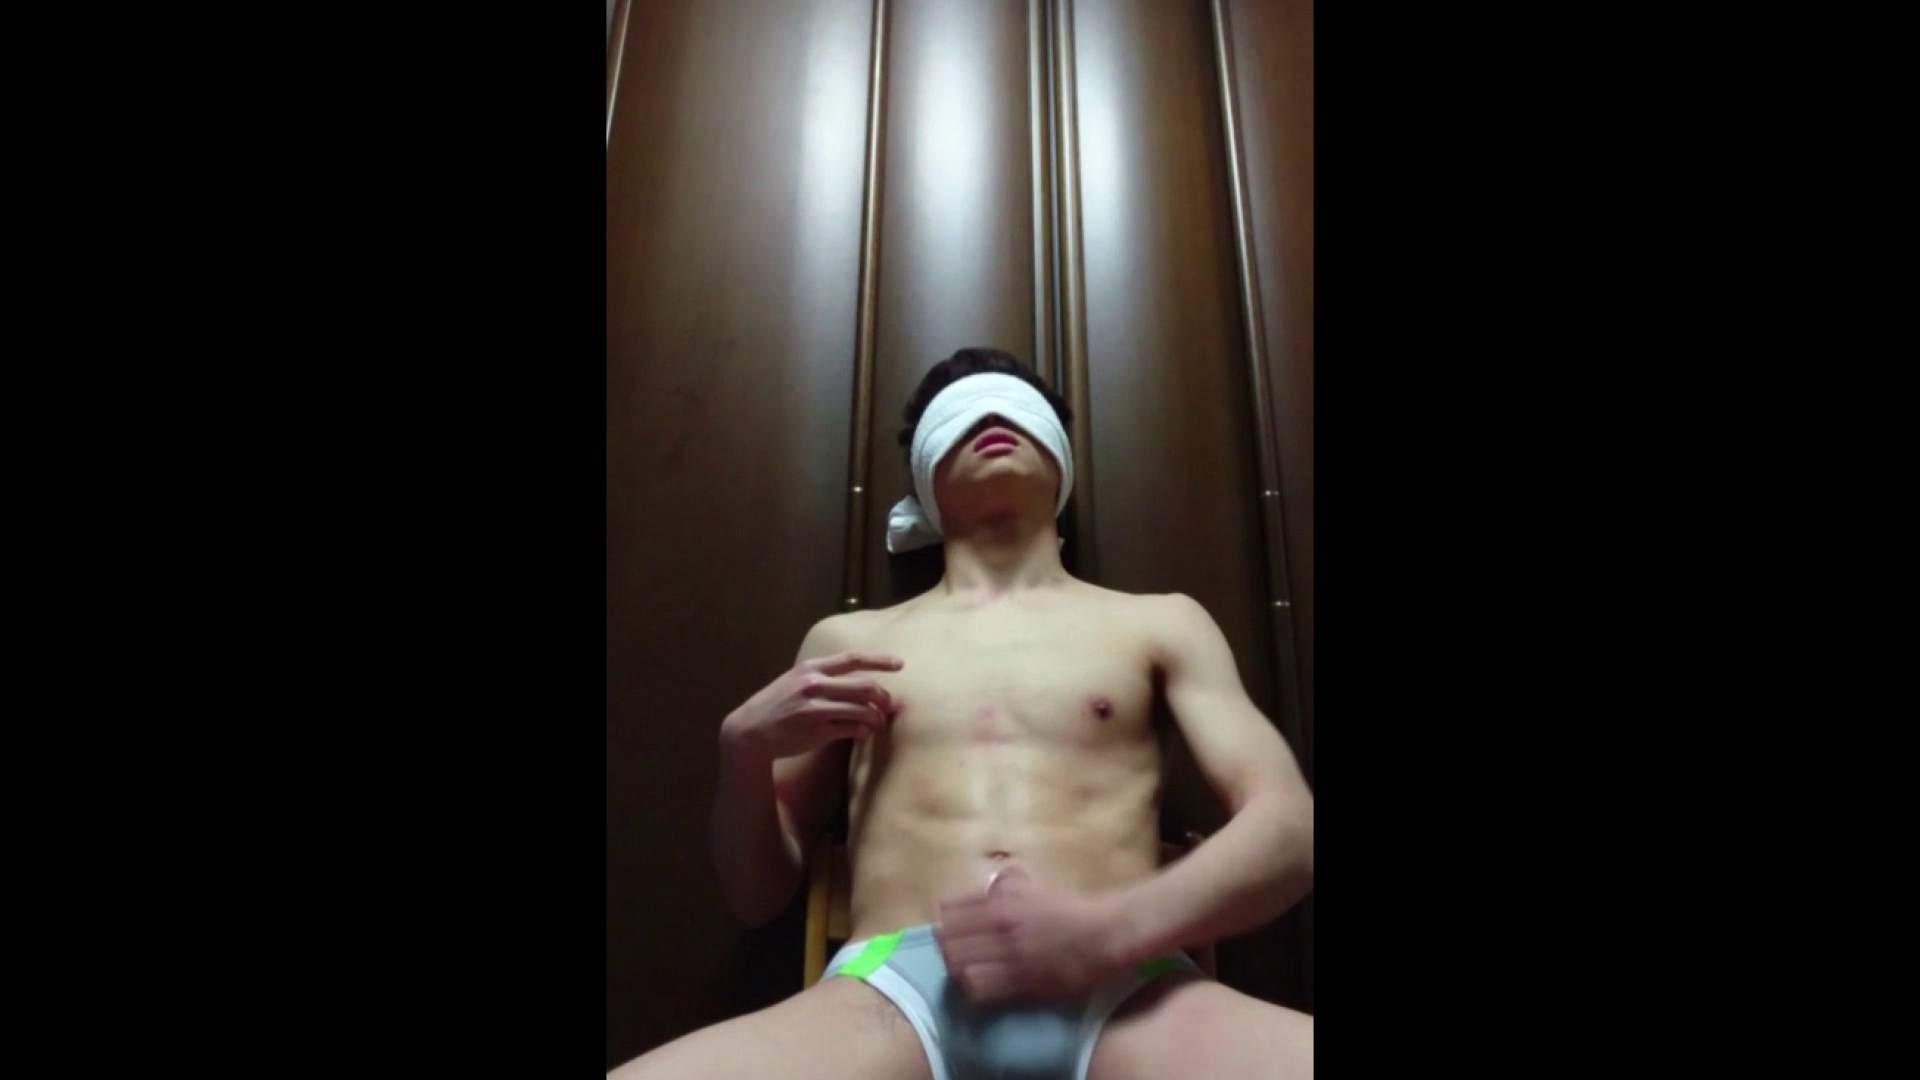 個人撮影 自慰の極意 Vol.21 ゲイのオナニー映像 ゲイセックス画像 107枚 102